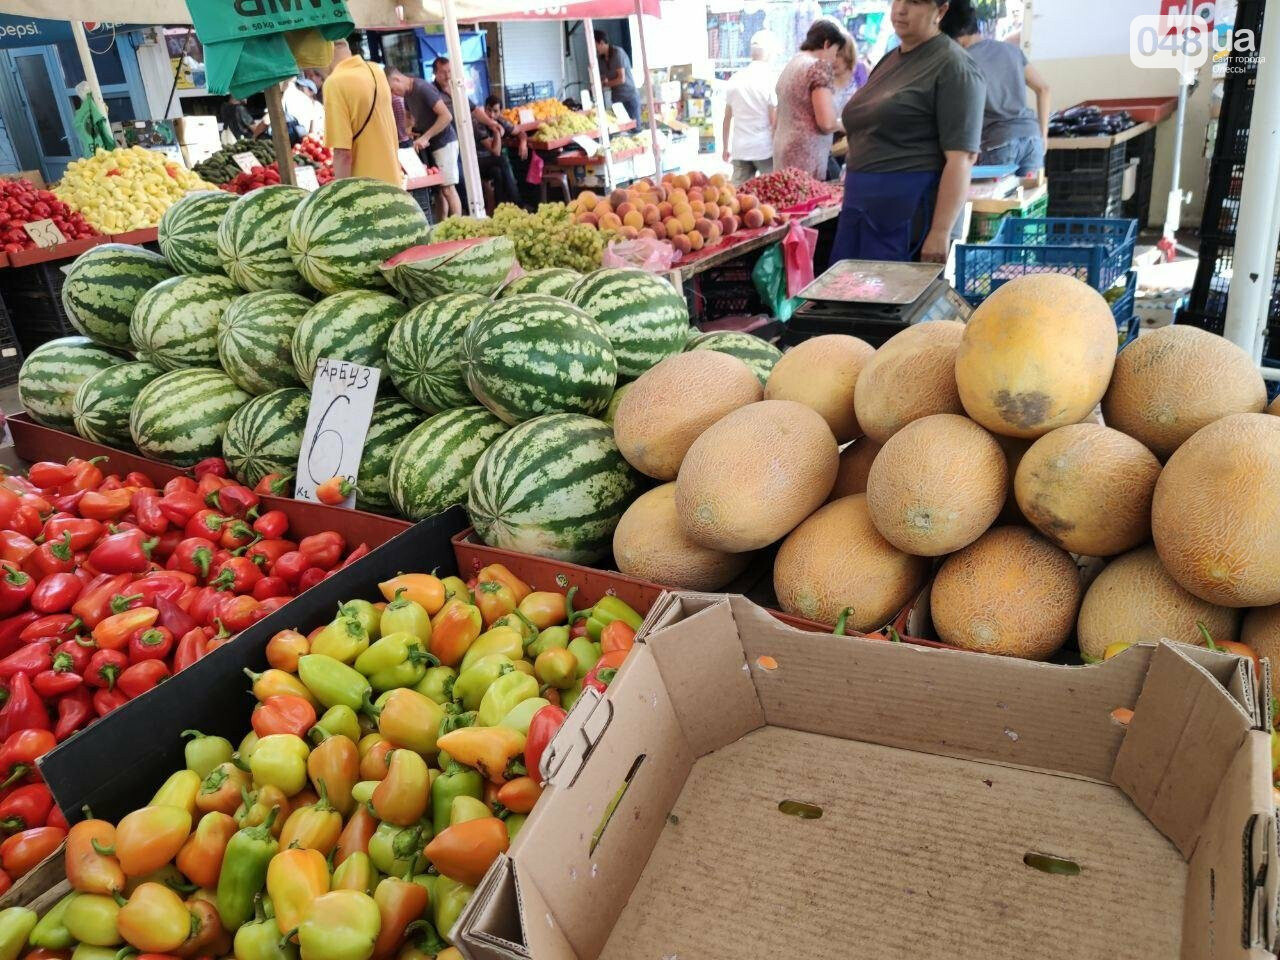 Почем в Одессе фрукты и овощи: актуальные цены Привоза в этот четверг, - ФОТО, фото-7